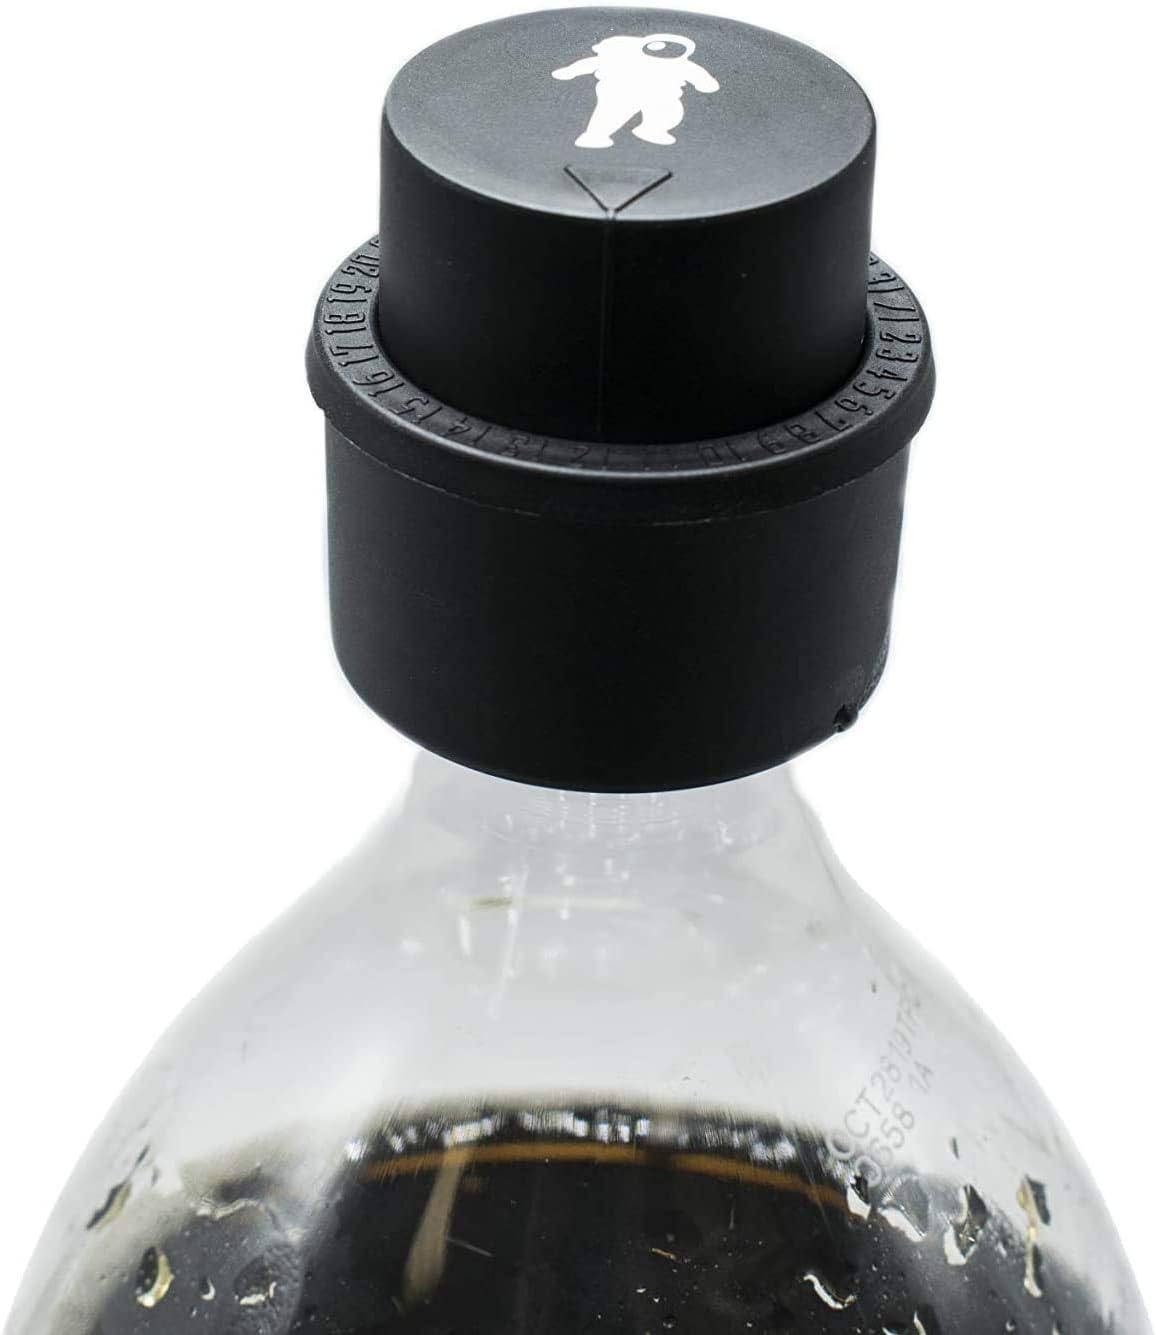 FRESHeTECH Soda Sealer - Air Tight Soda Sealer (5 Pack)